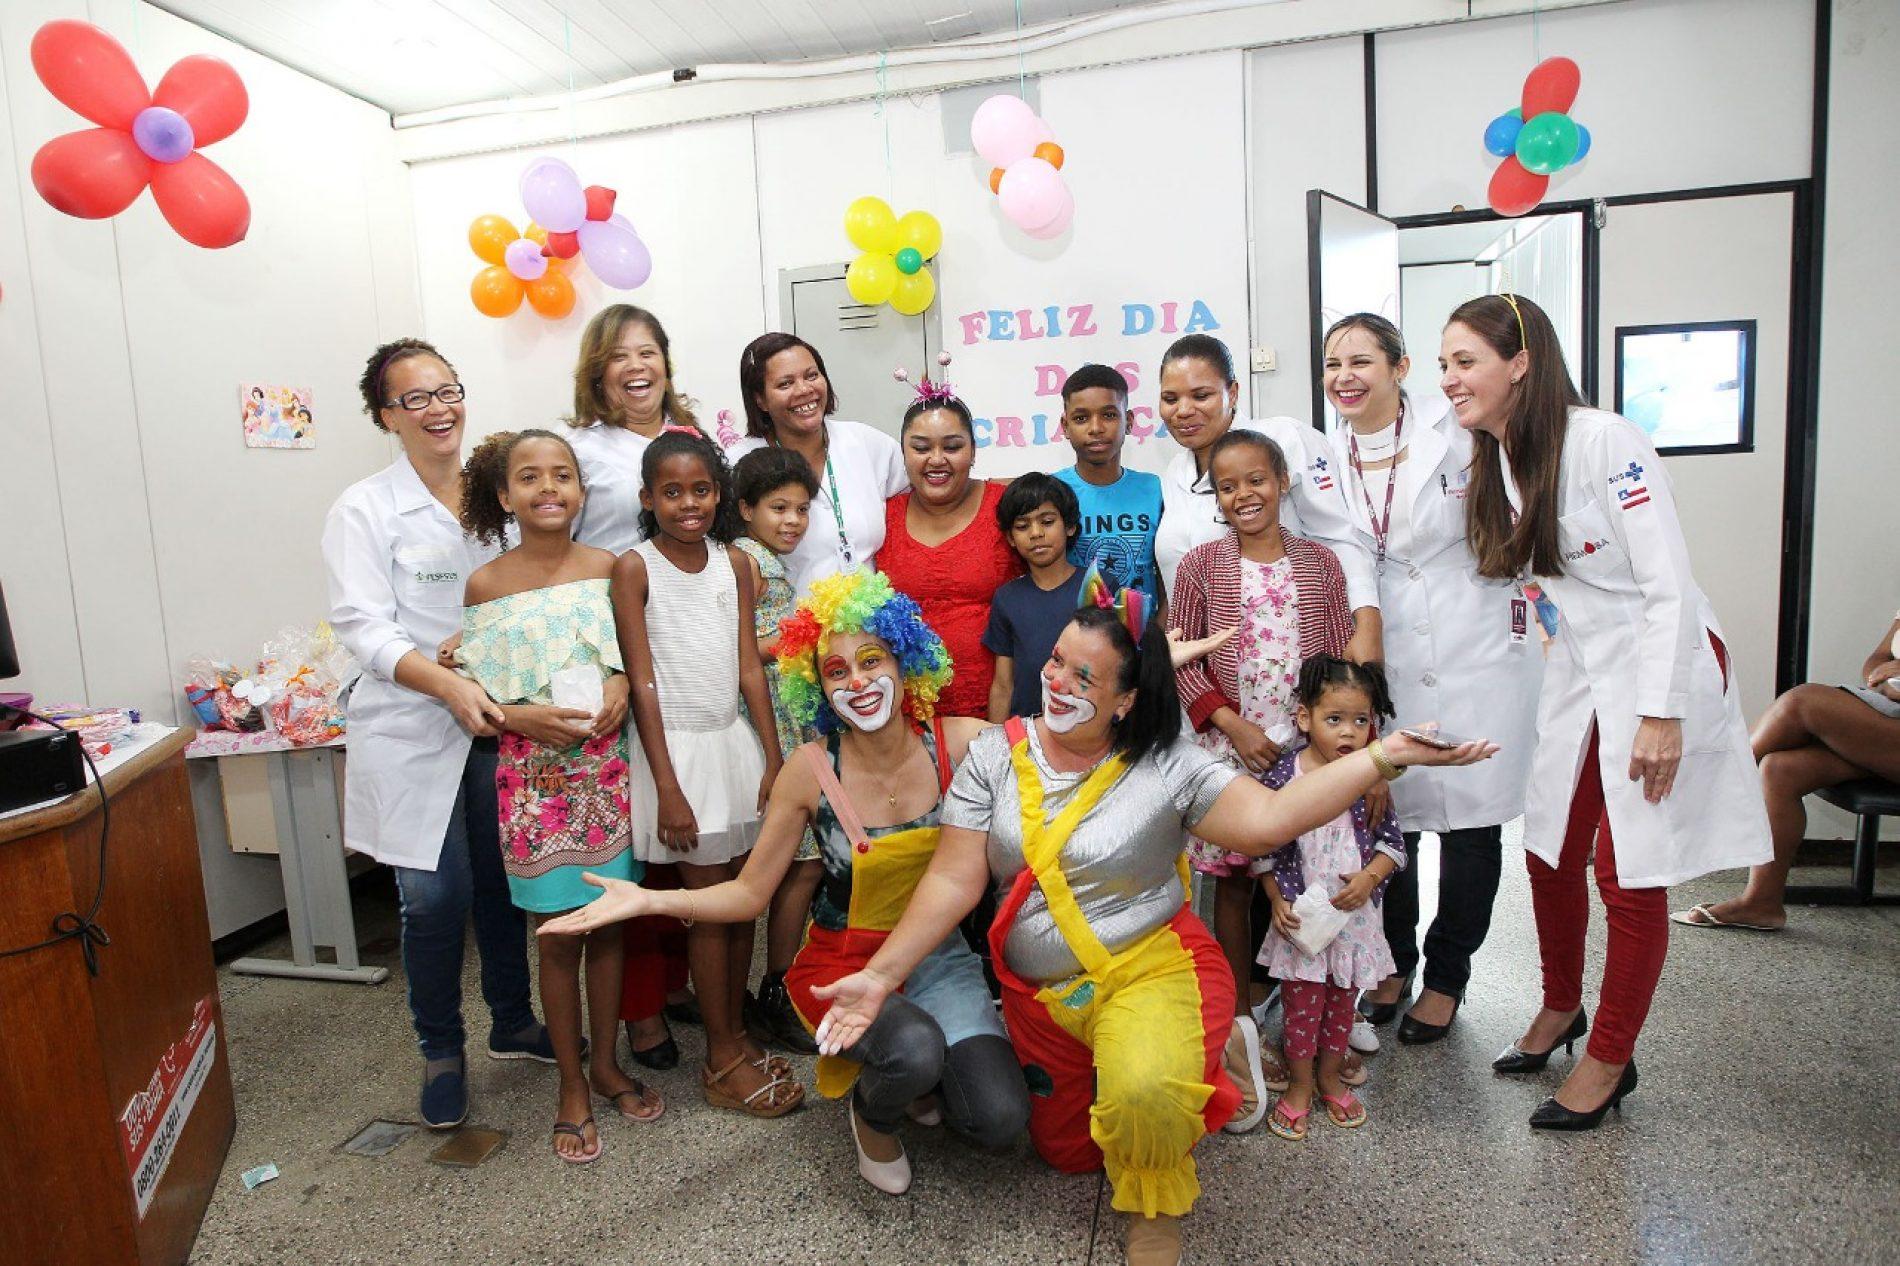 Dia das Crianças é comemorado com brincadeiras na Fundação Hemoba